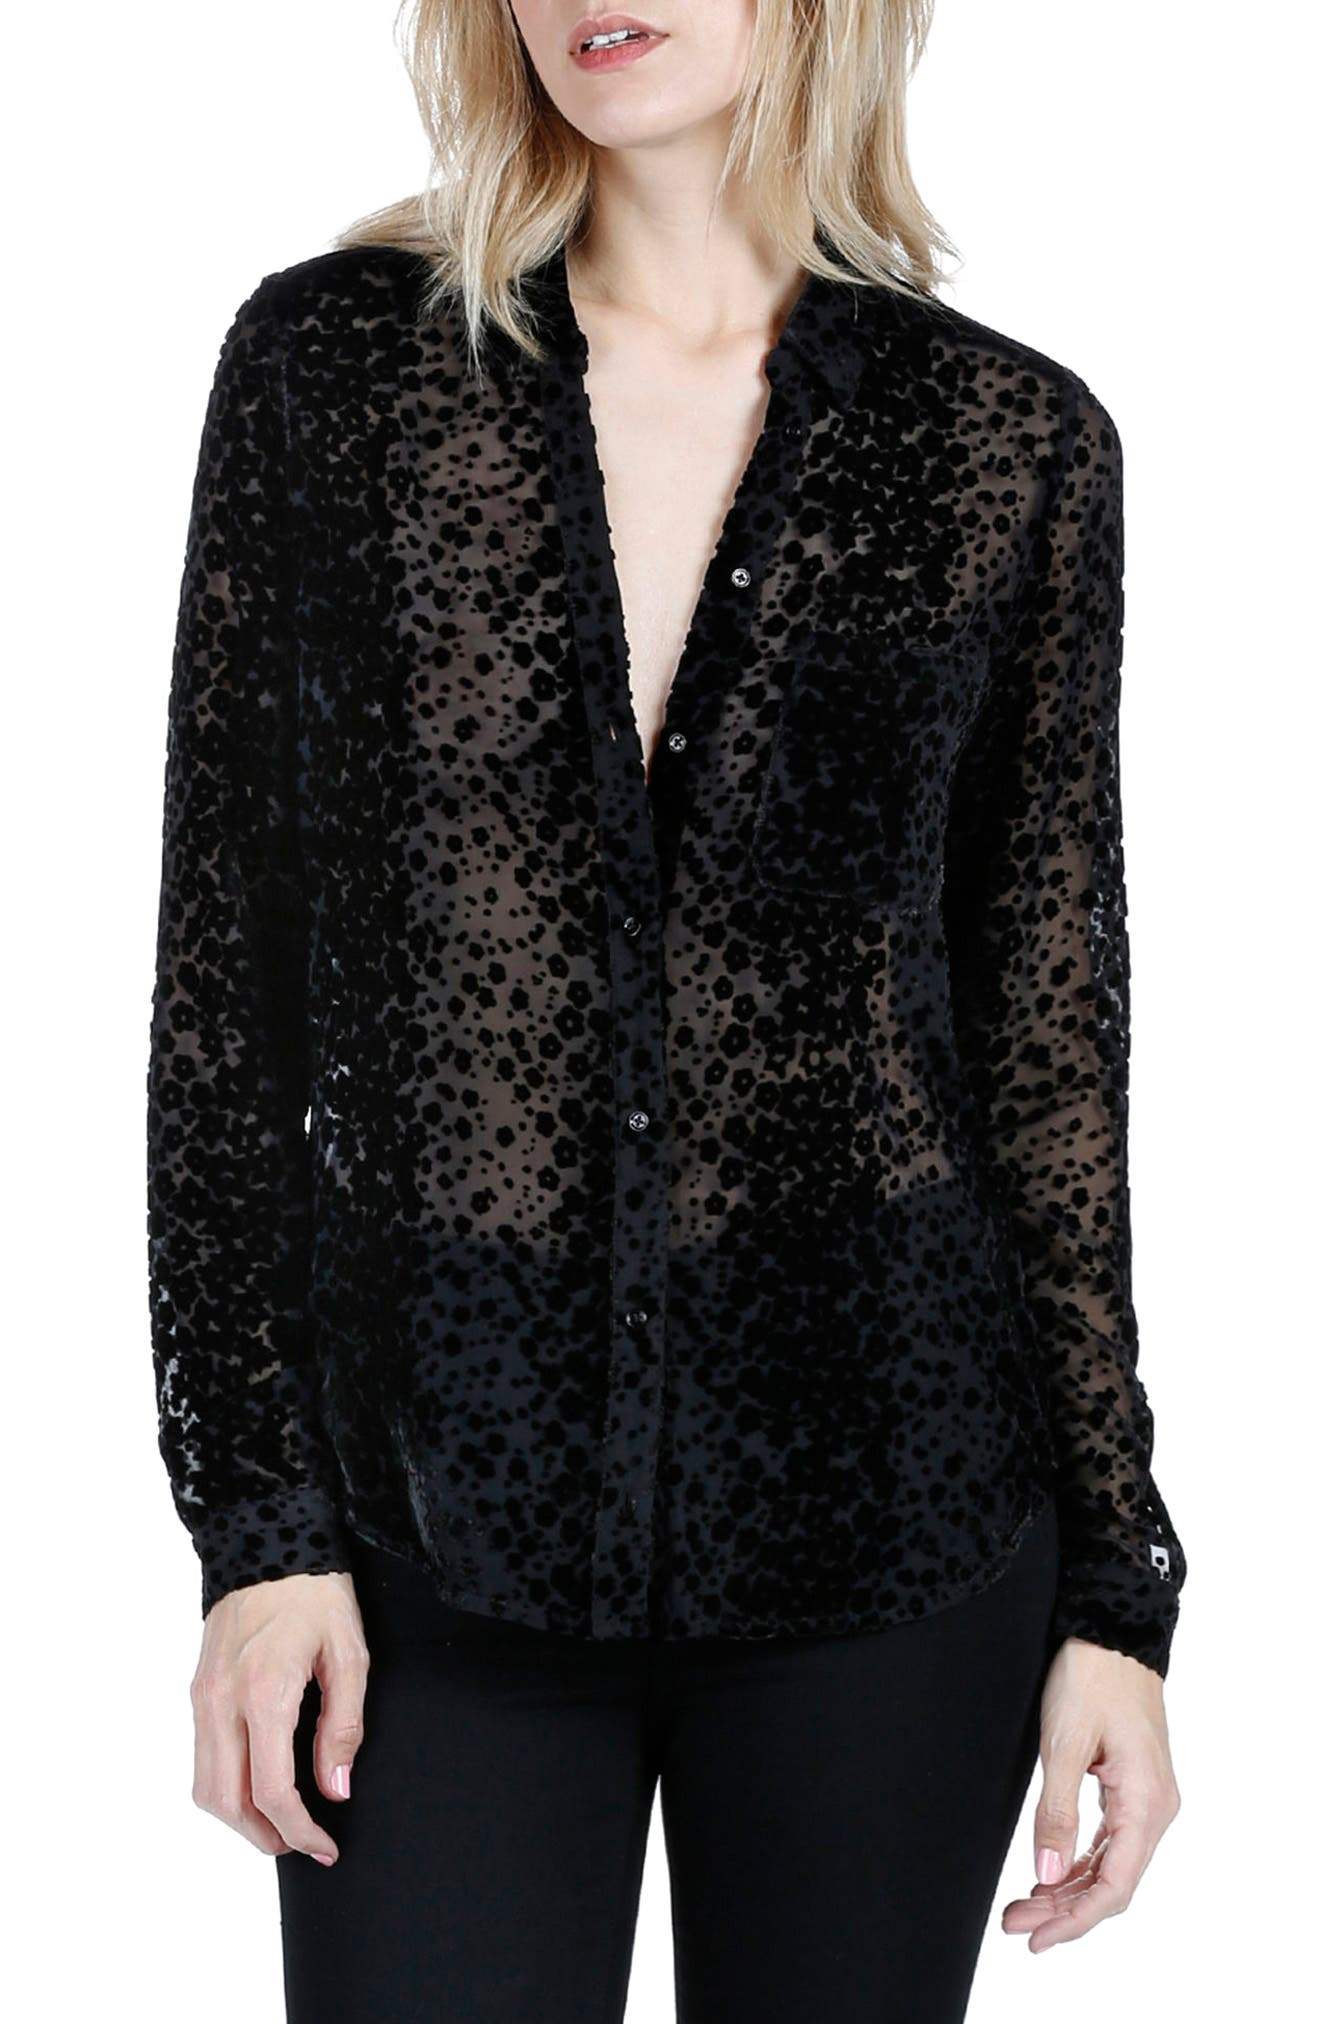 Linara Silk Shirt,                             Main thumbnail 1, color,                             001